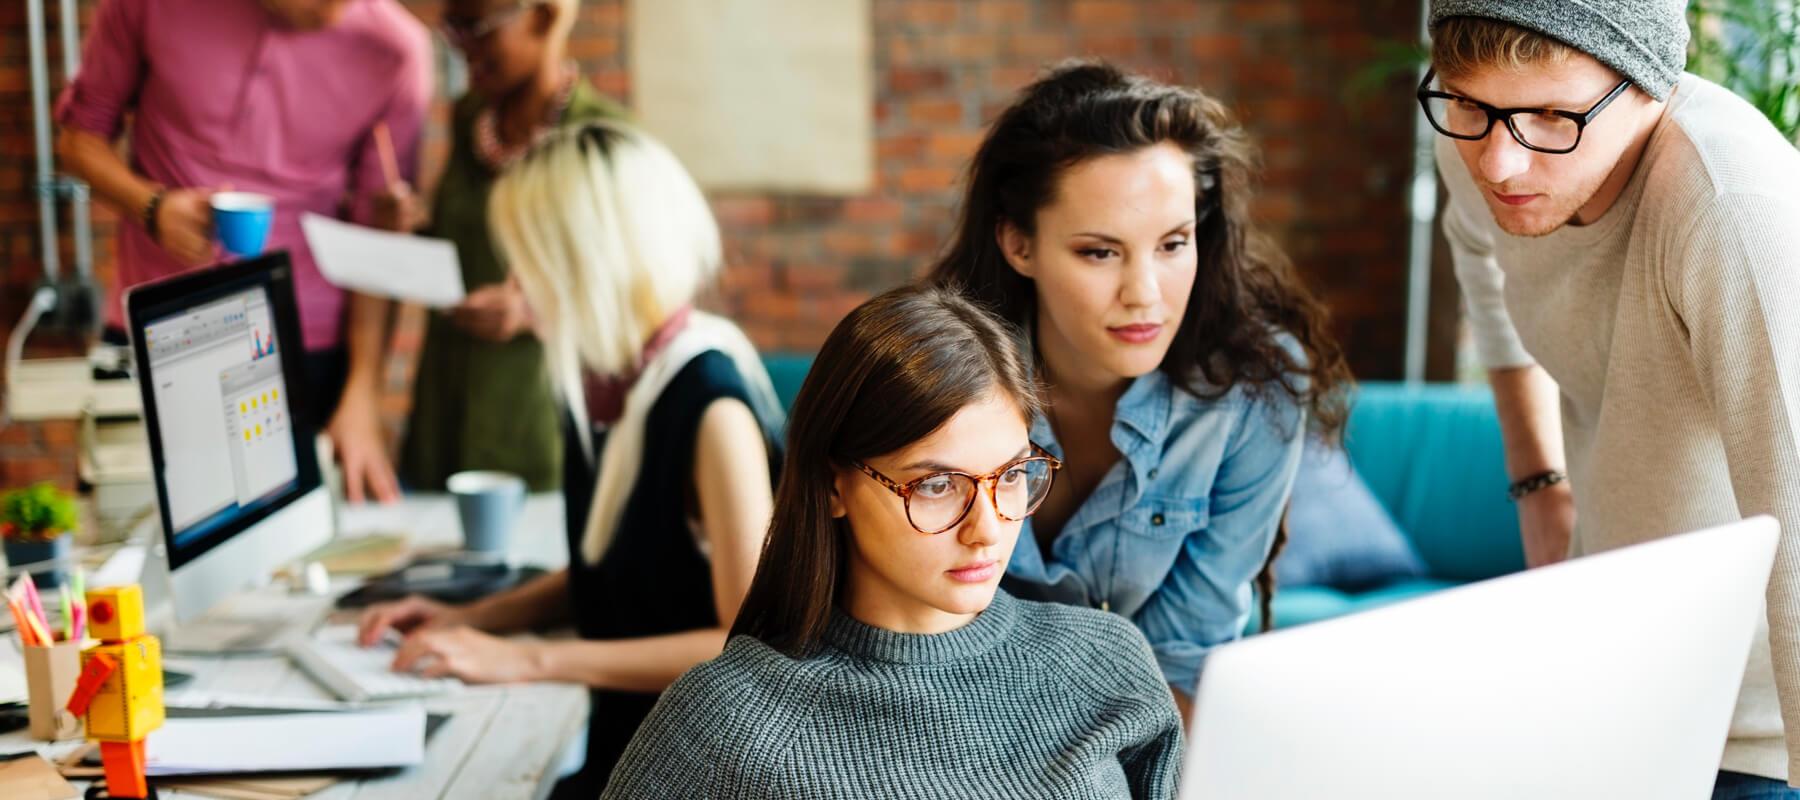 Women in office Image